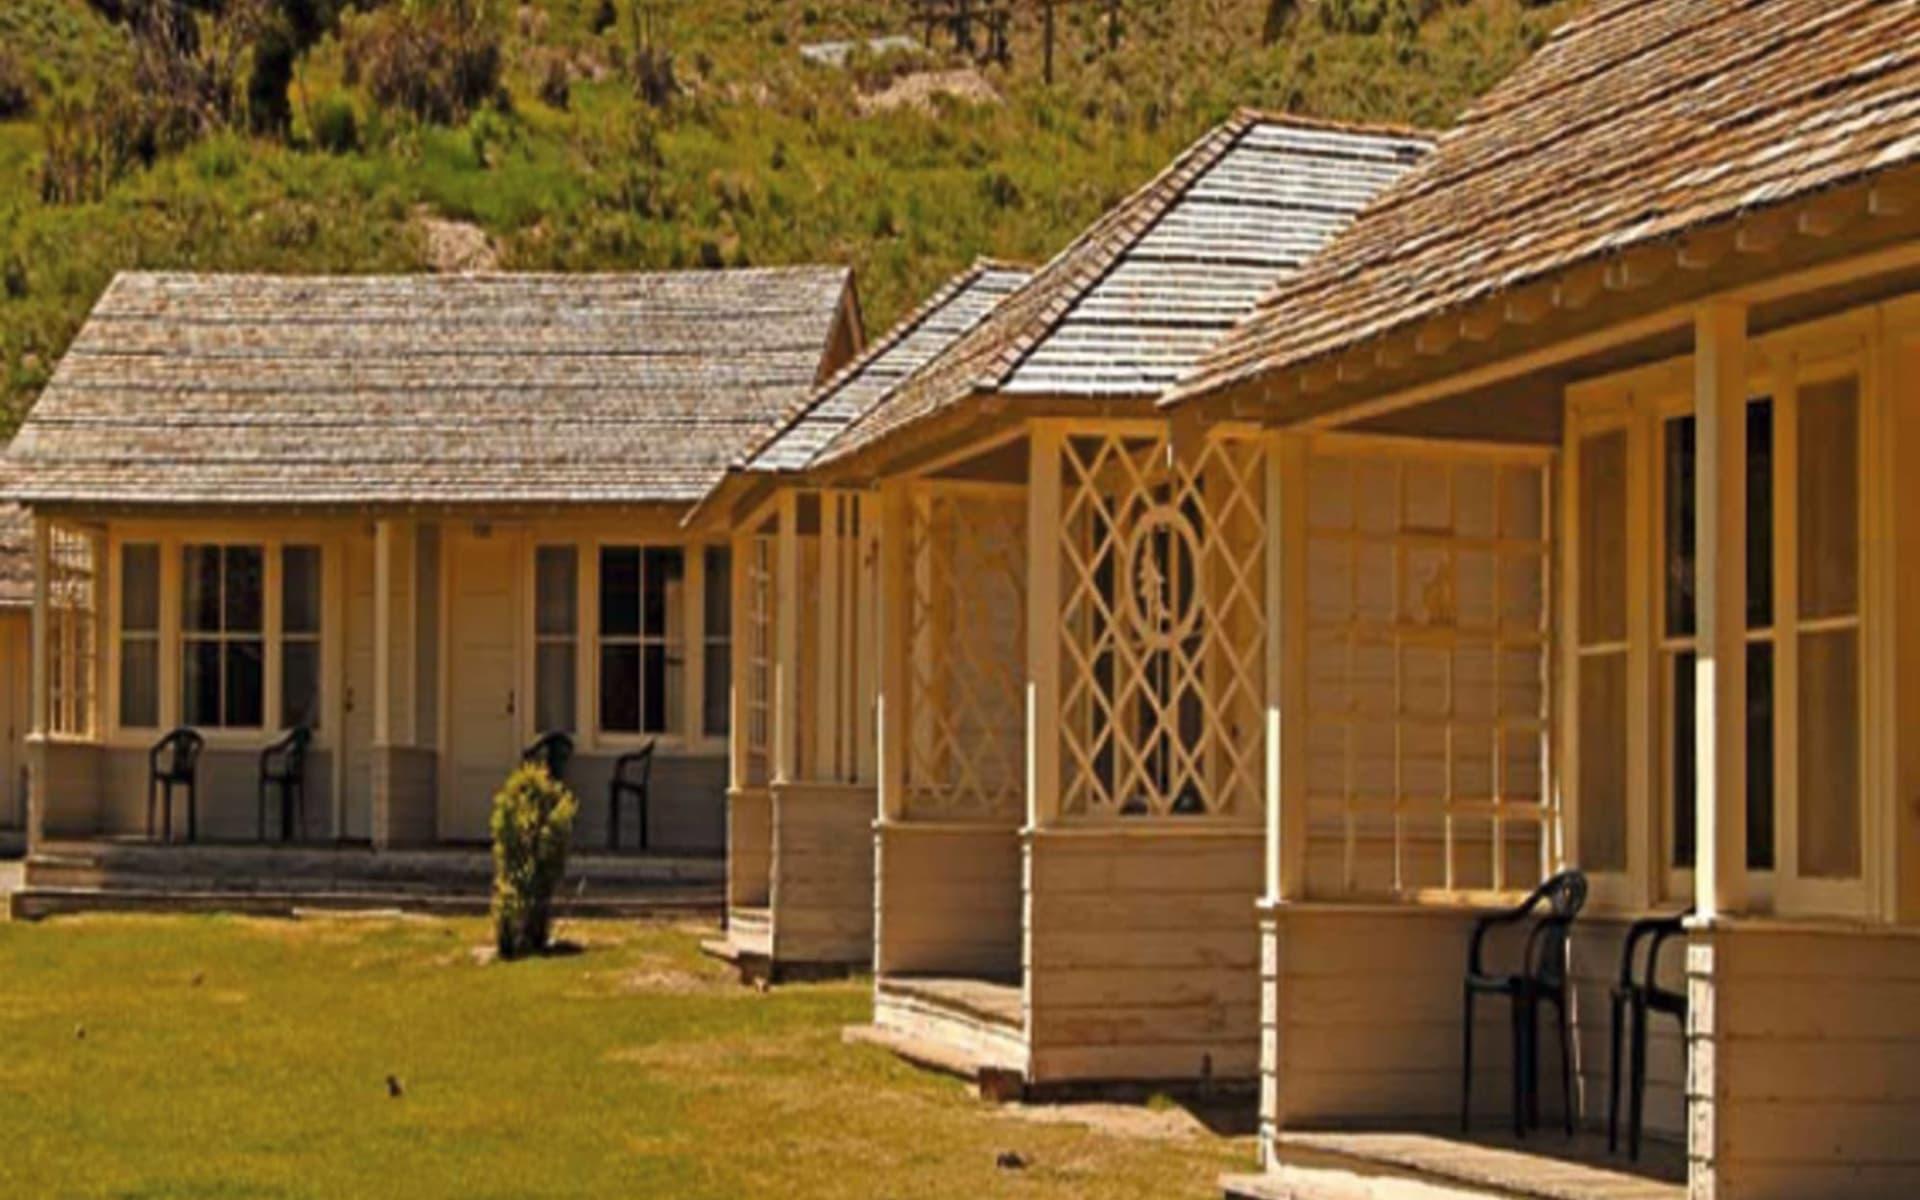 Mammoth Hot Springs Hotel & Cabins in Yellowstone National Park: natur mammoth hot springs hotel and cabins kleine hütten berge